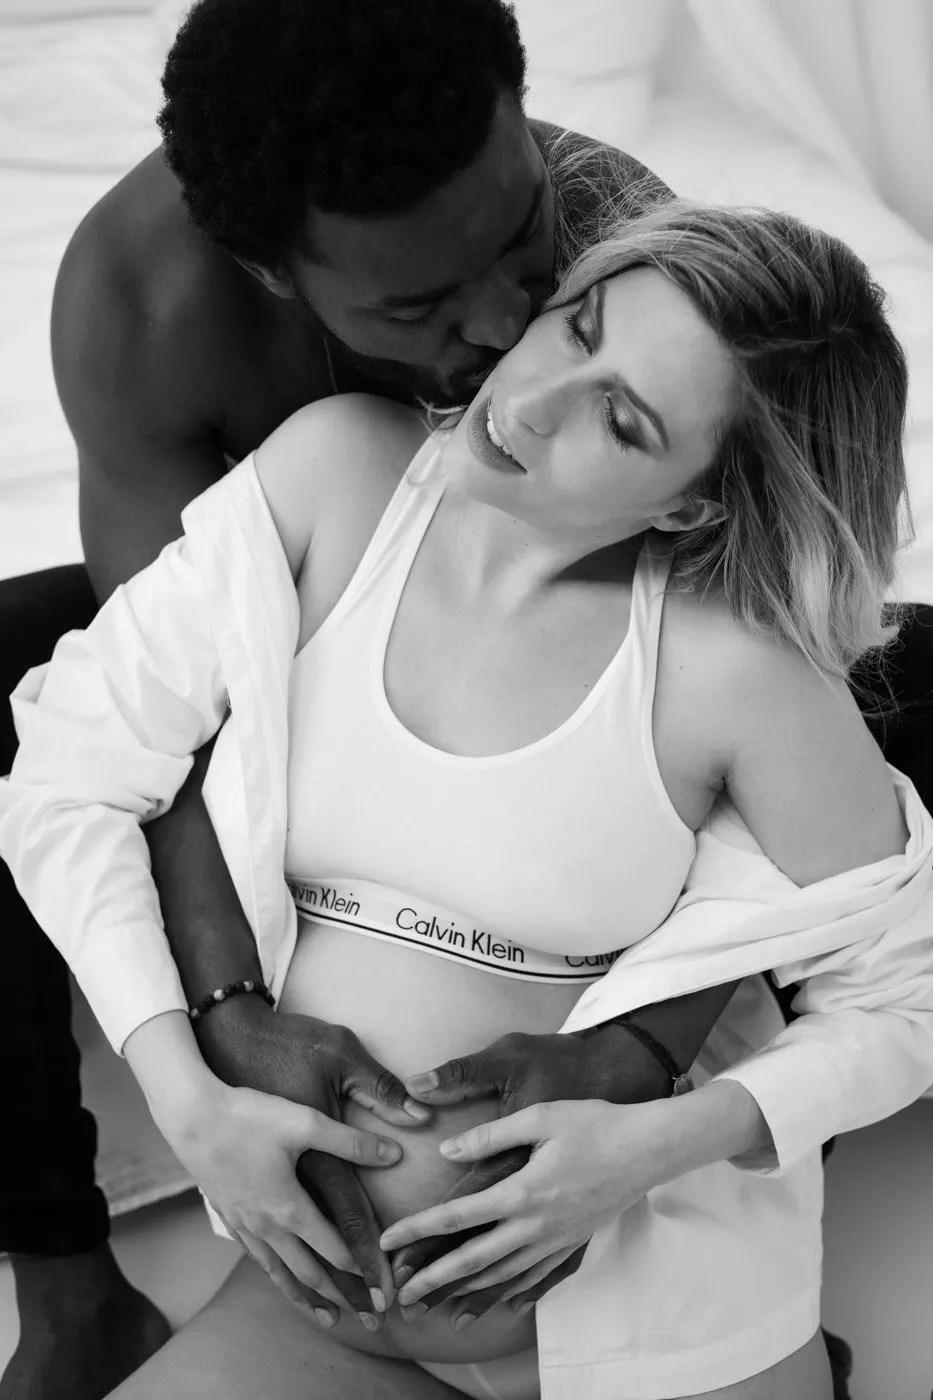 séance photo grossesse  couple mixte sensuelle